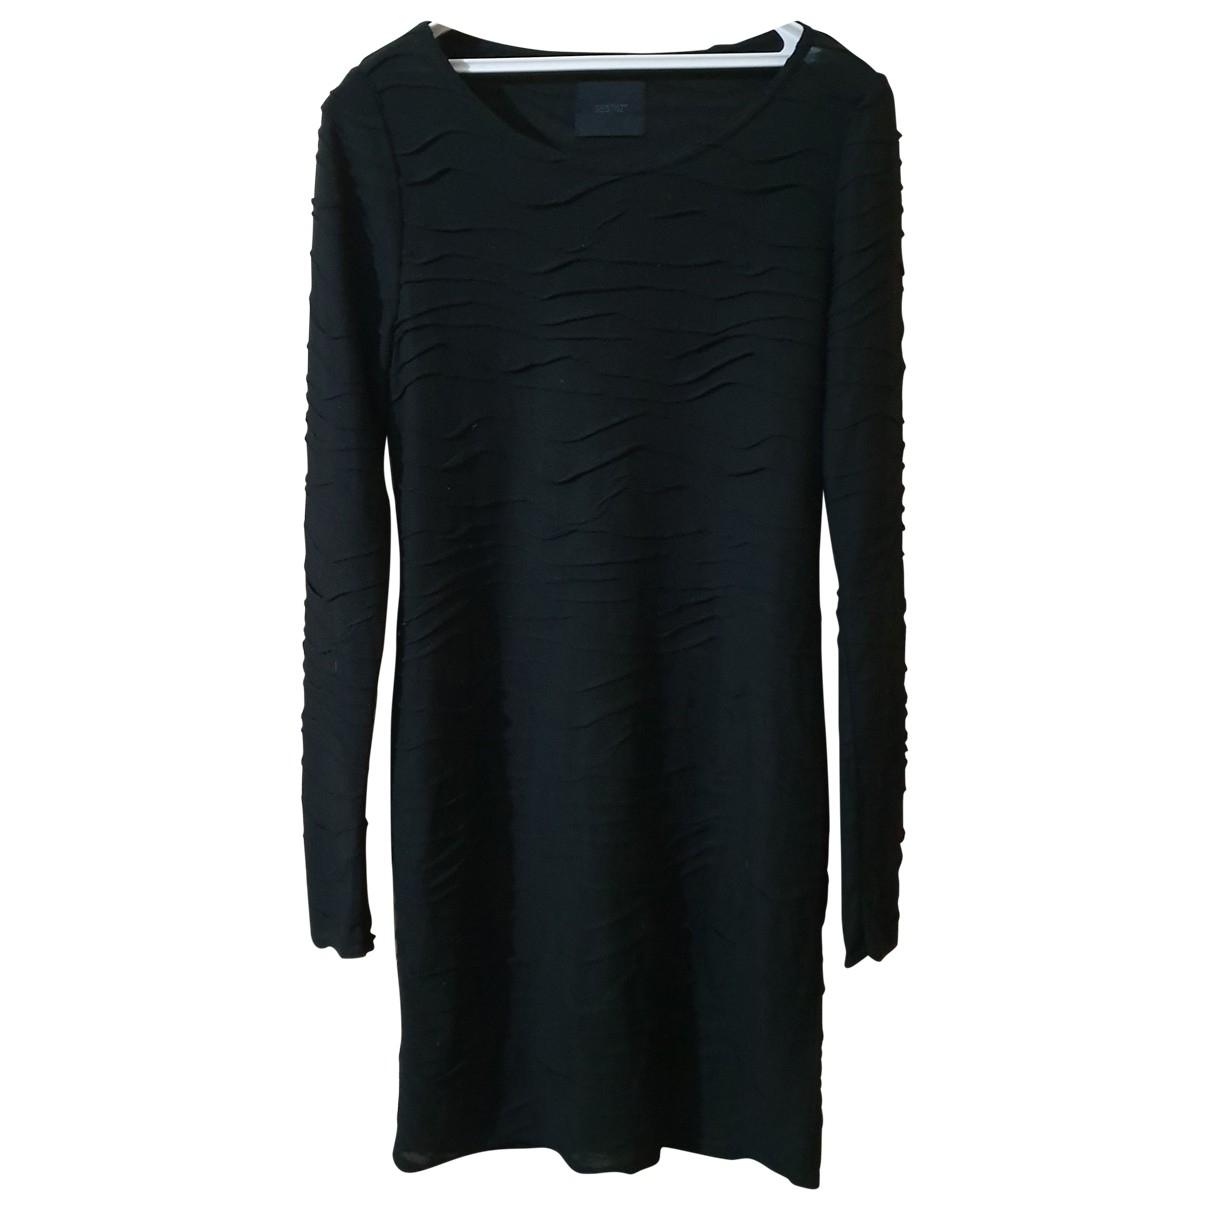 Gestuz \N Kleid in  Schwarz Viskose